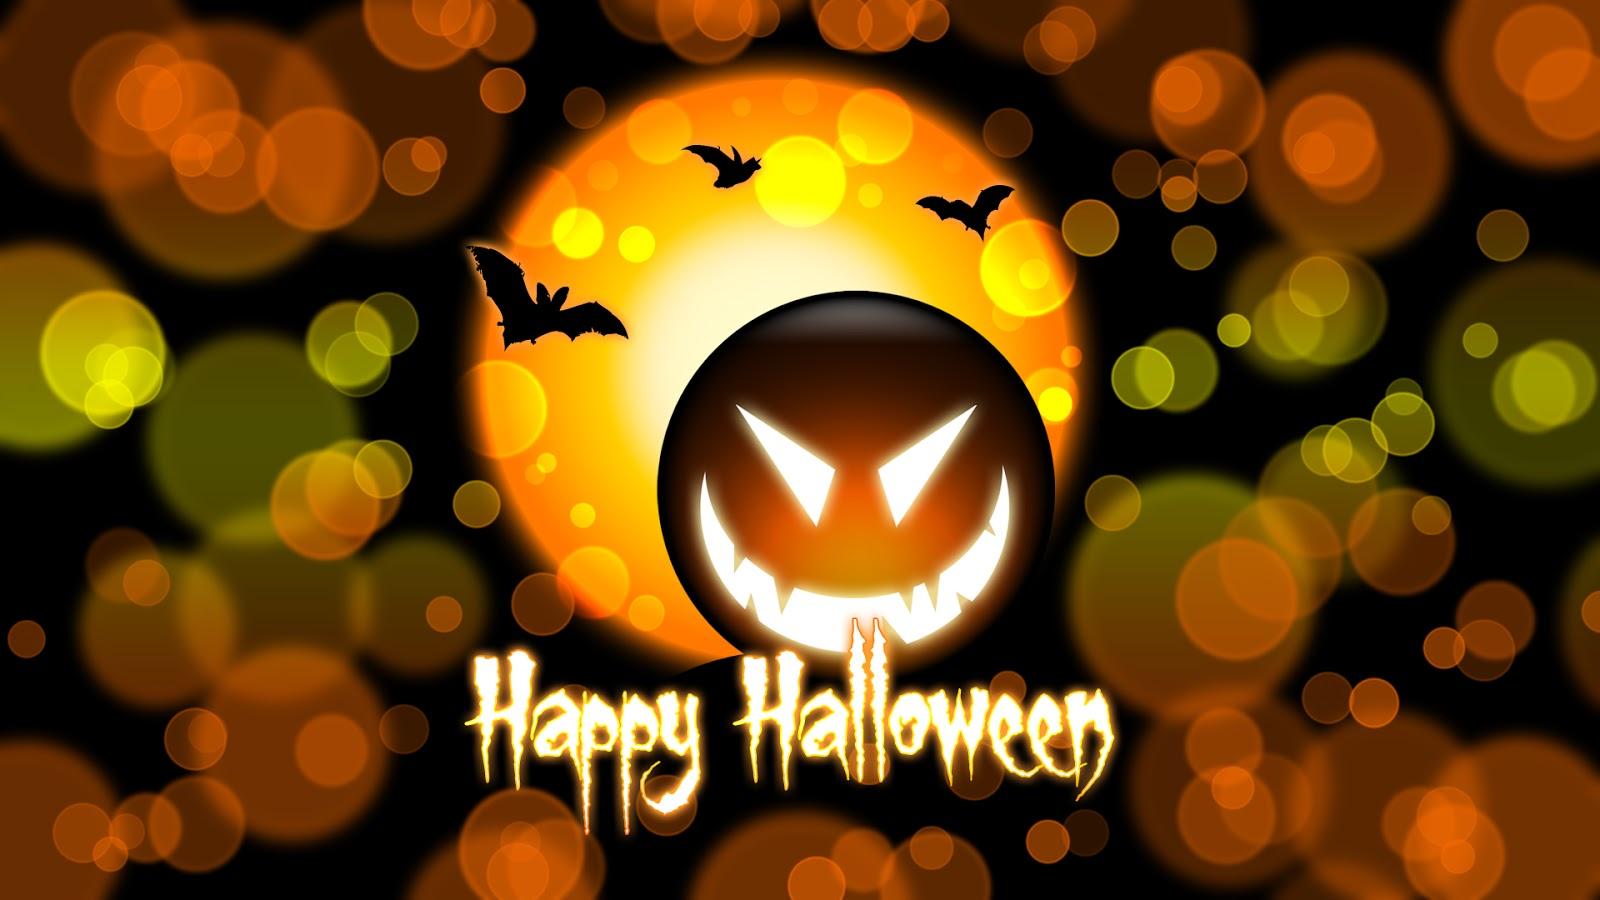 http://2.bp.blogspot.com/-qKX97IvC-8Y/UHbonpEG9WI/AAAAAAAAHQw/s_FMqkMsvAA/s1600/Halloween+Wallpaper+004.jpg